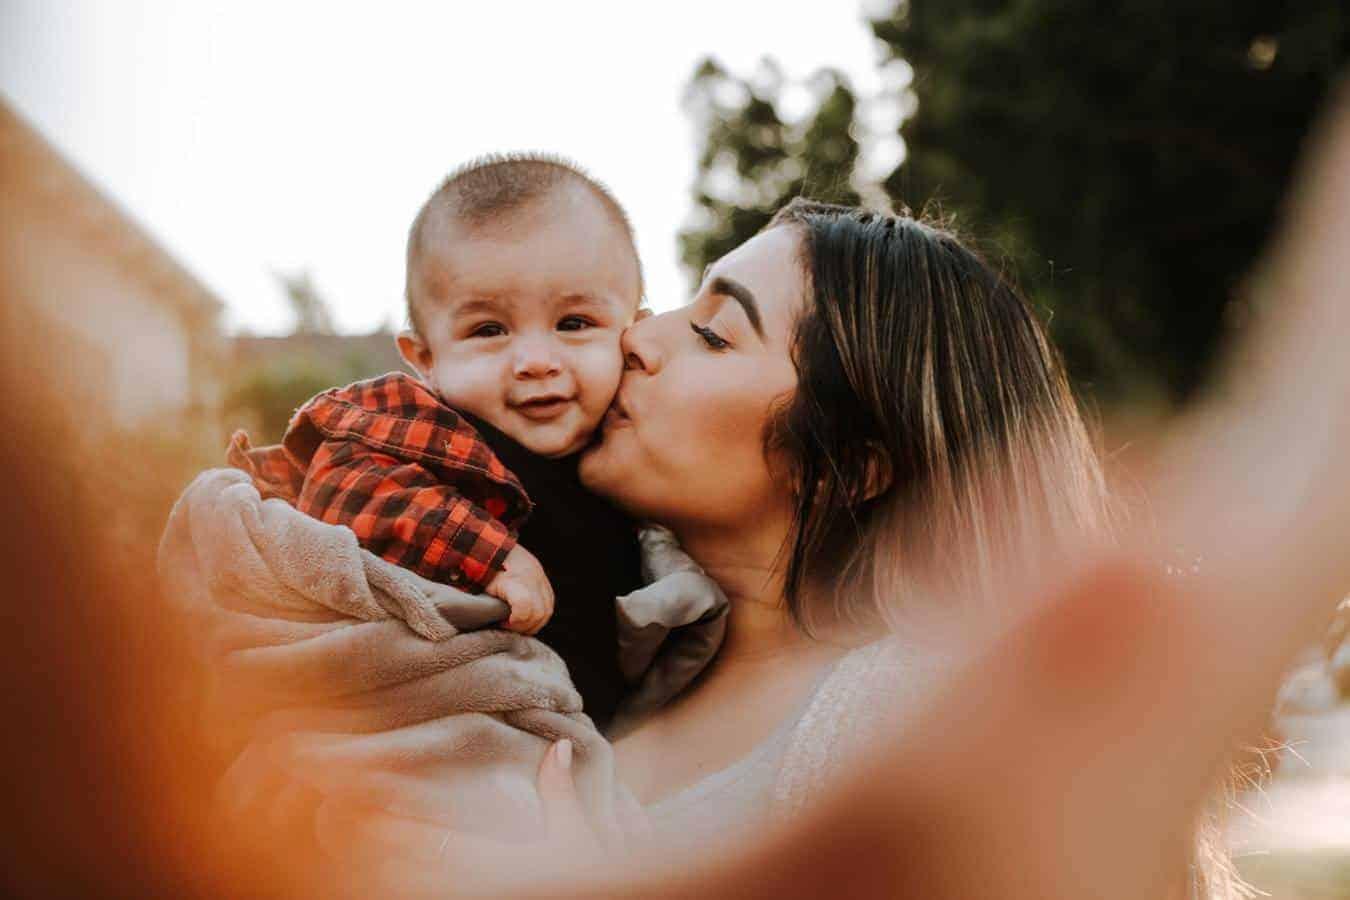 نصائح علمية لتربية الأطفالكوني إيجابية في التعامل مع طفلك